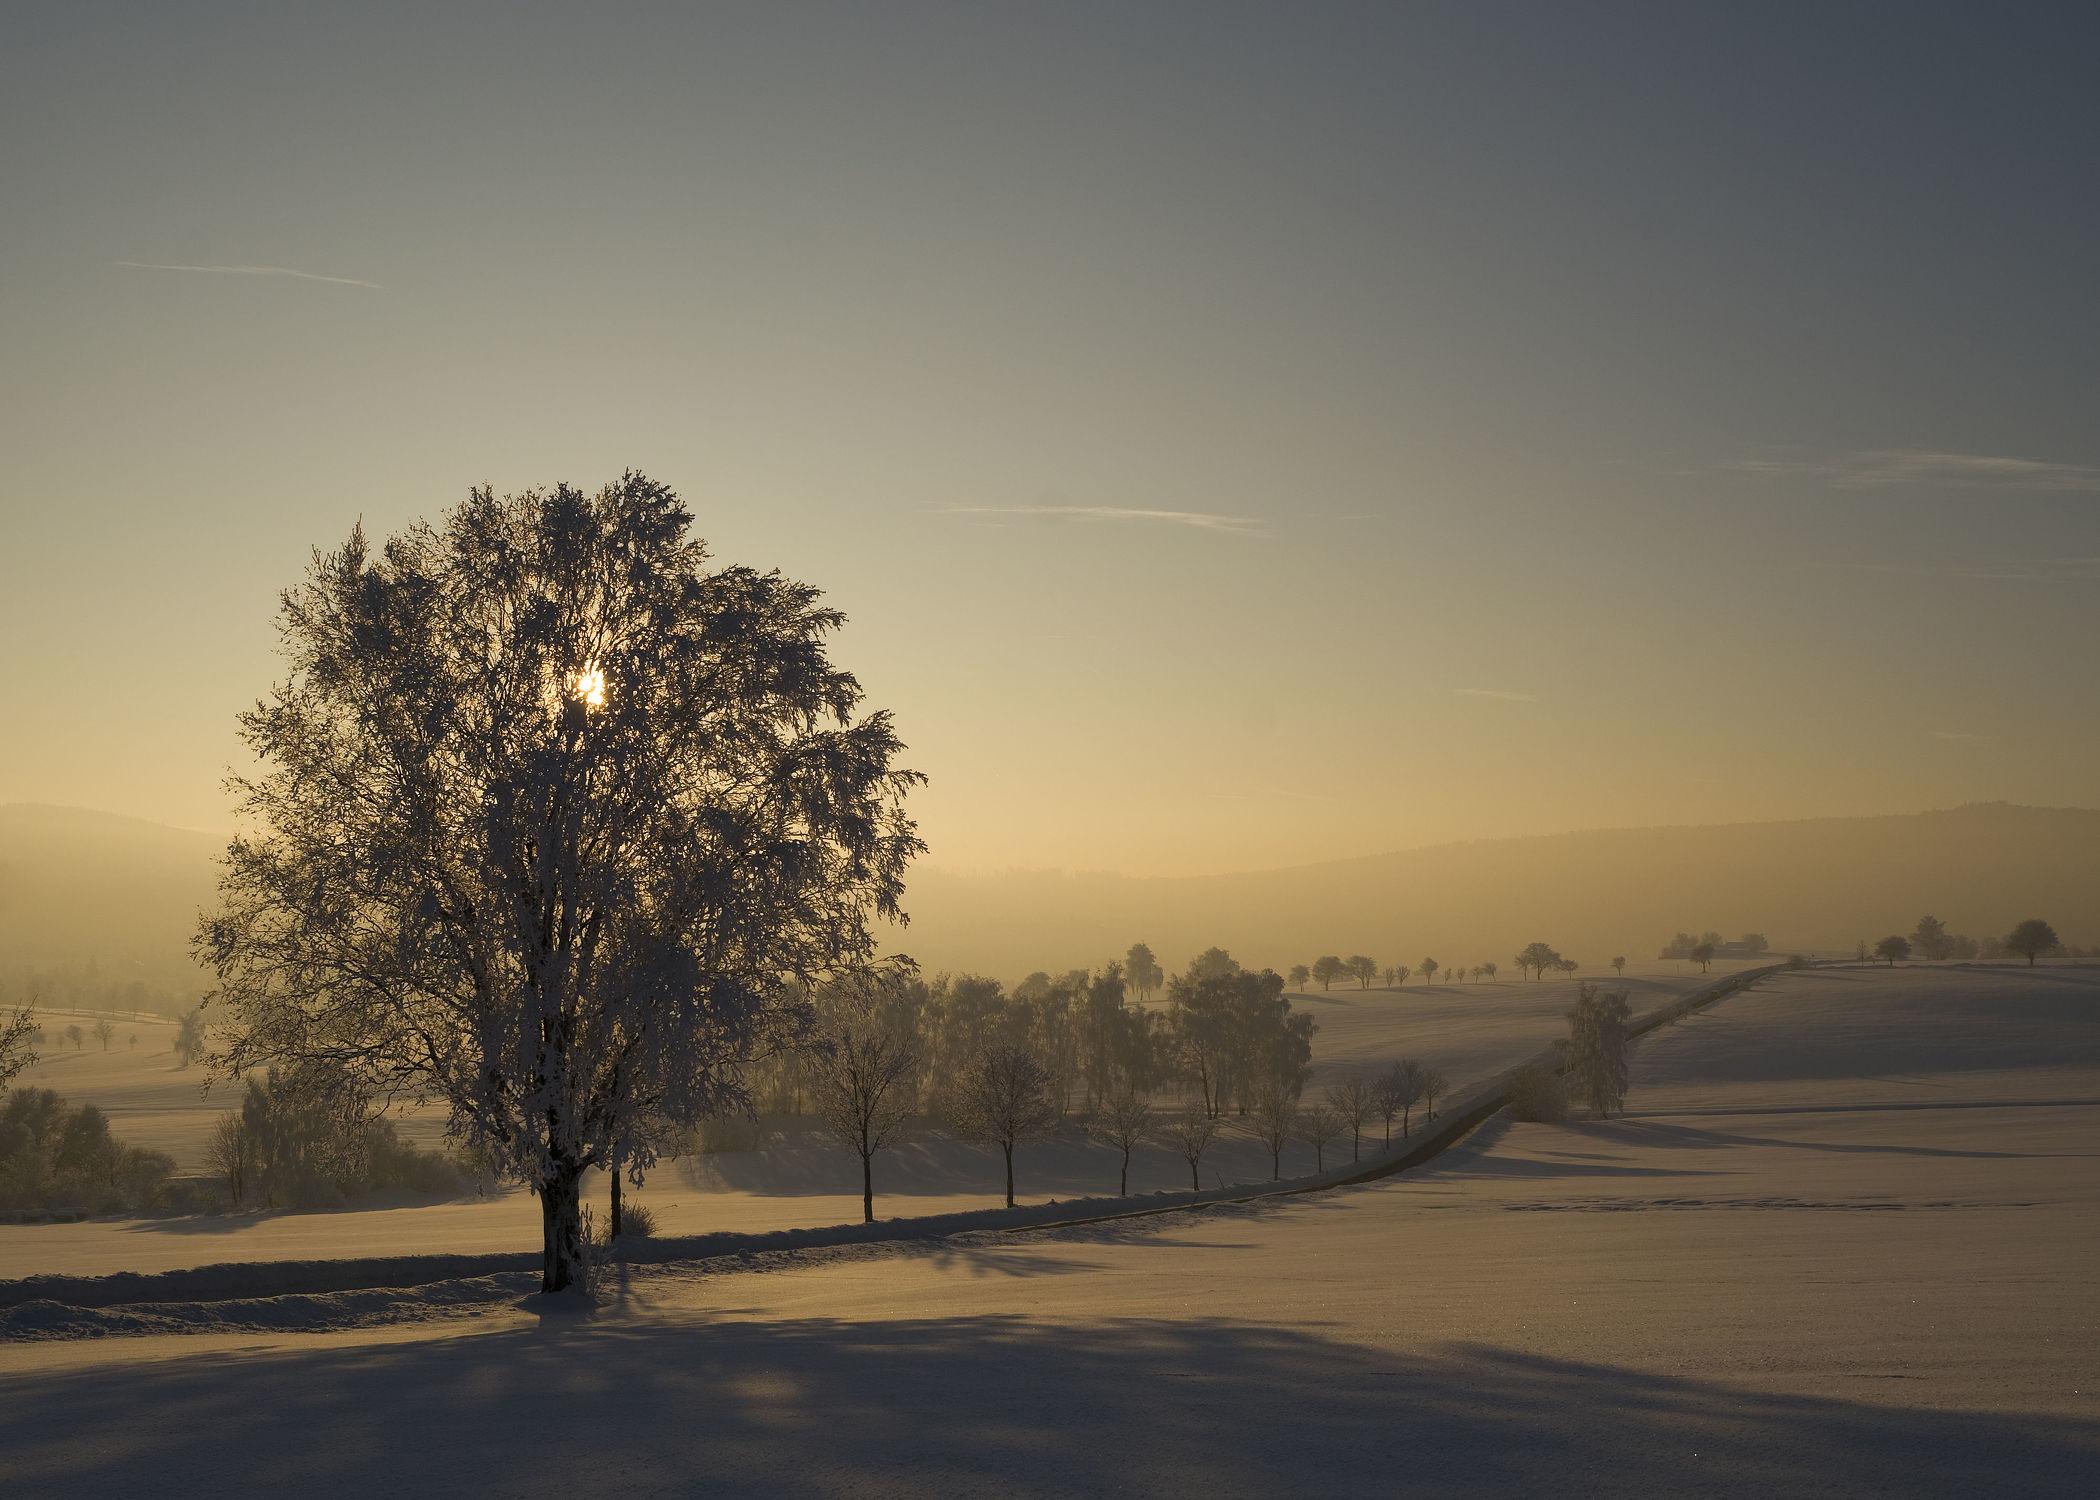 Bild mit Natur, Natur, Landschaften, Bäume, Winter, Schnee, Baum, Landschaft, Natur und Landschaft, Winterzeit